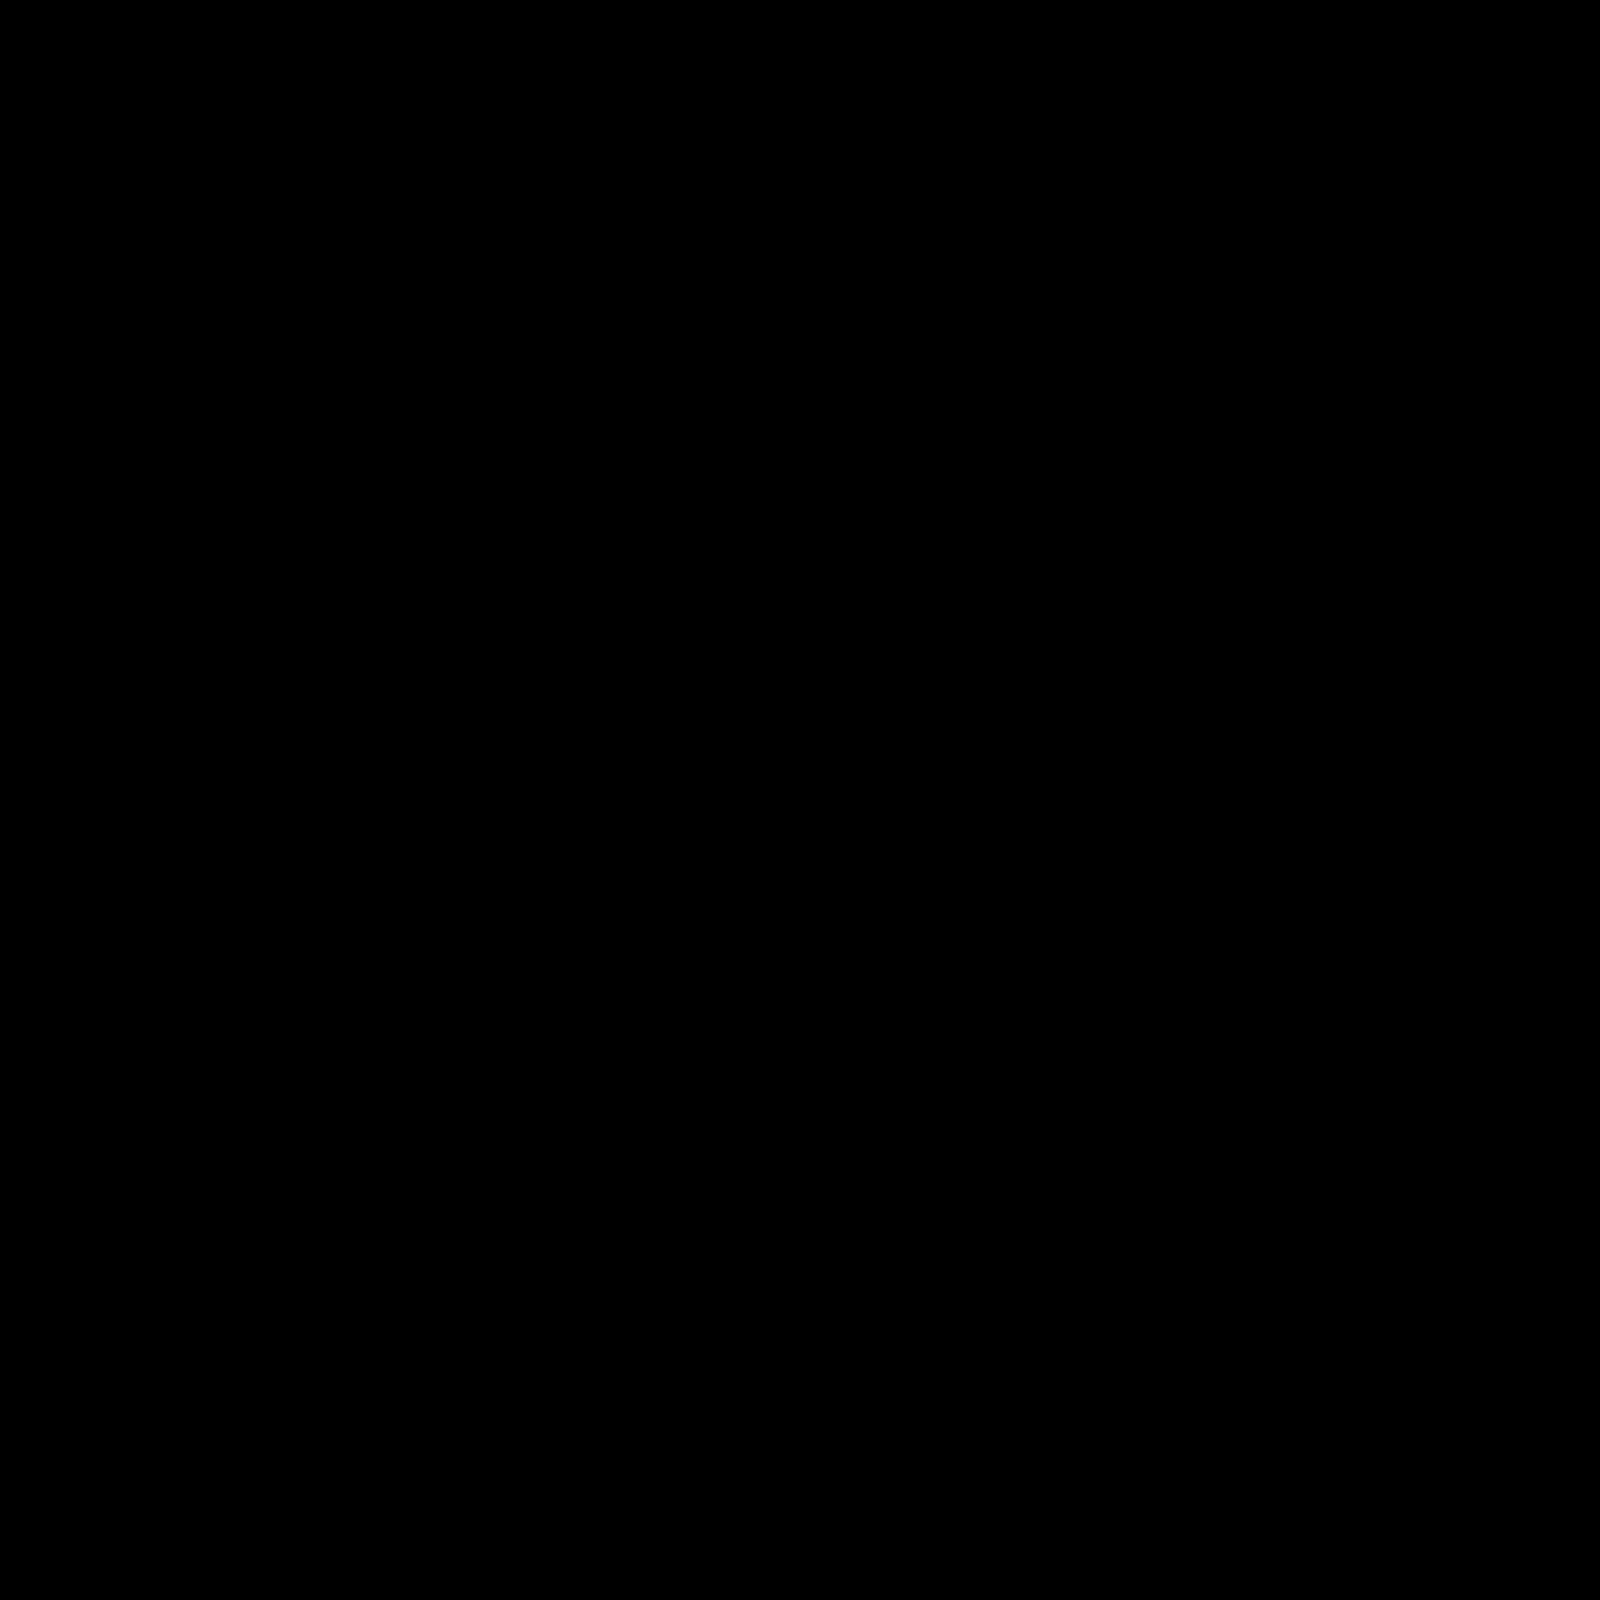 消しゴム icon